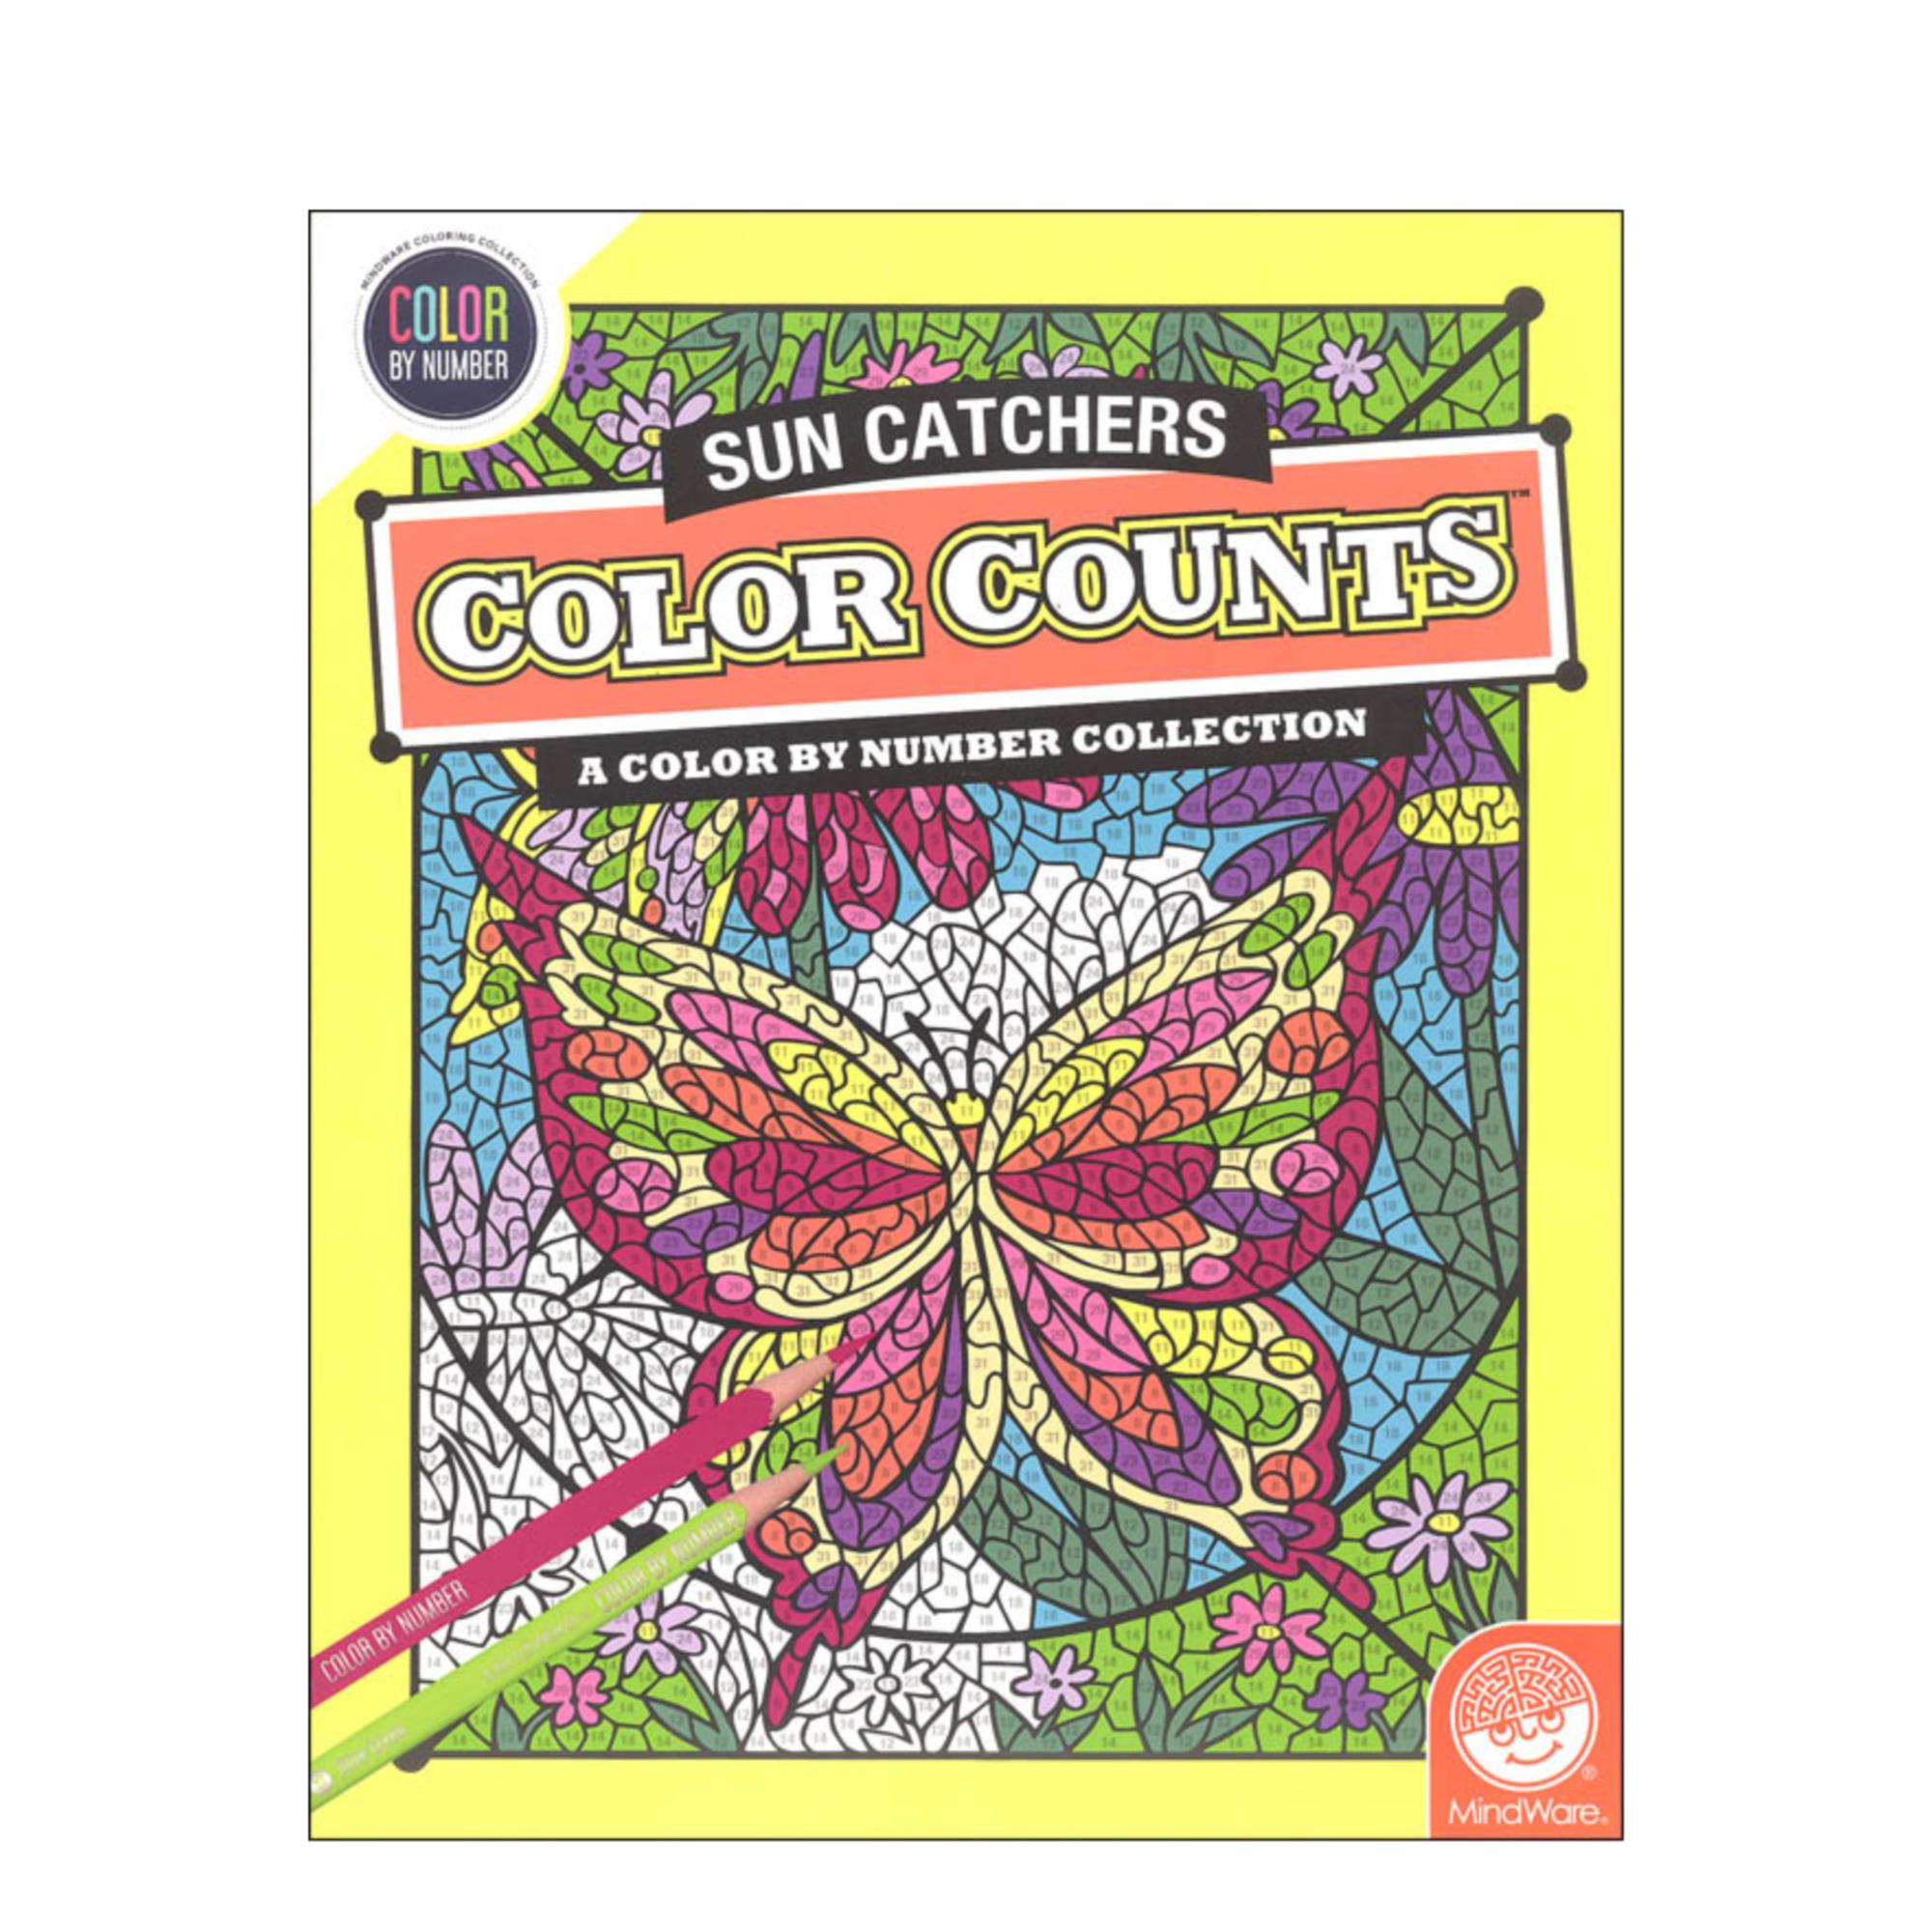 MindWare CBN Color Counts: Sun Catchers